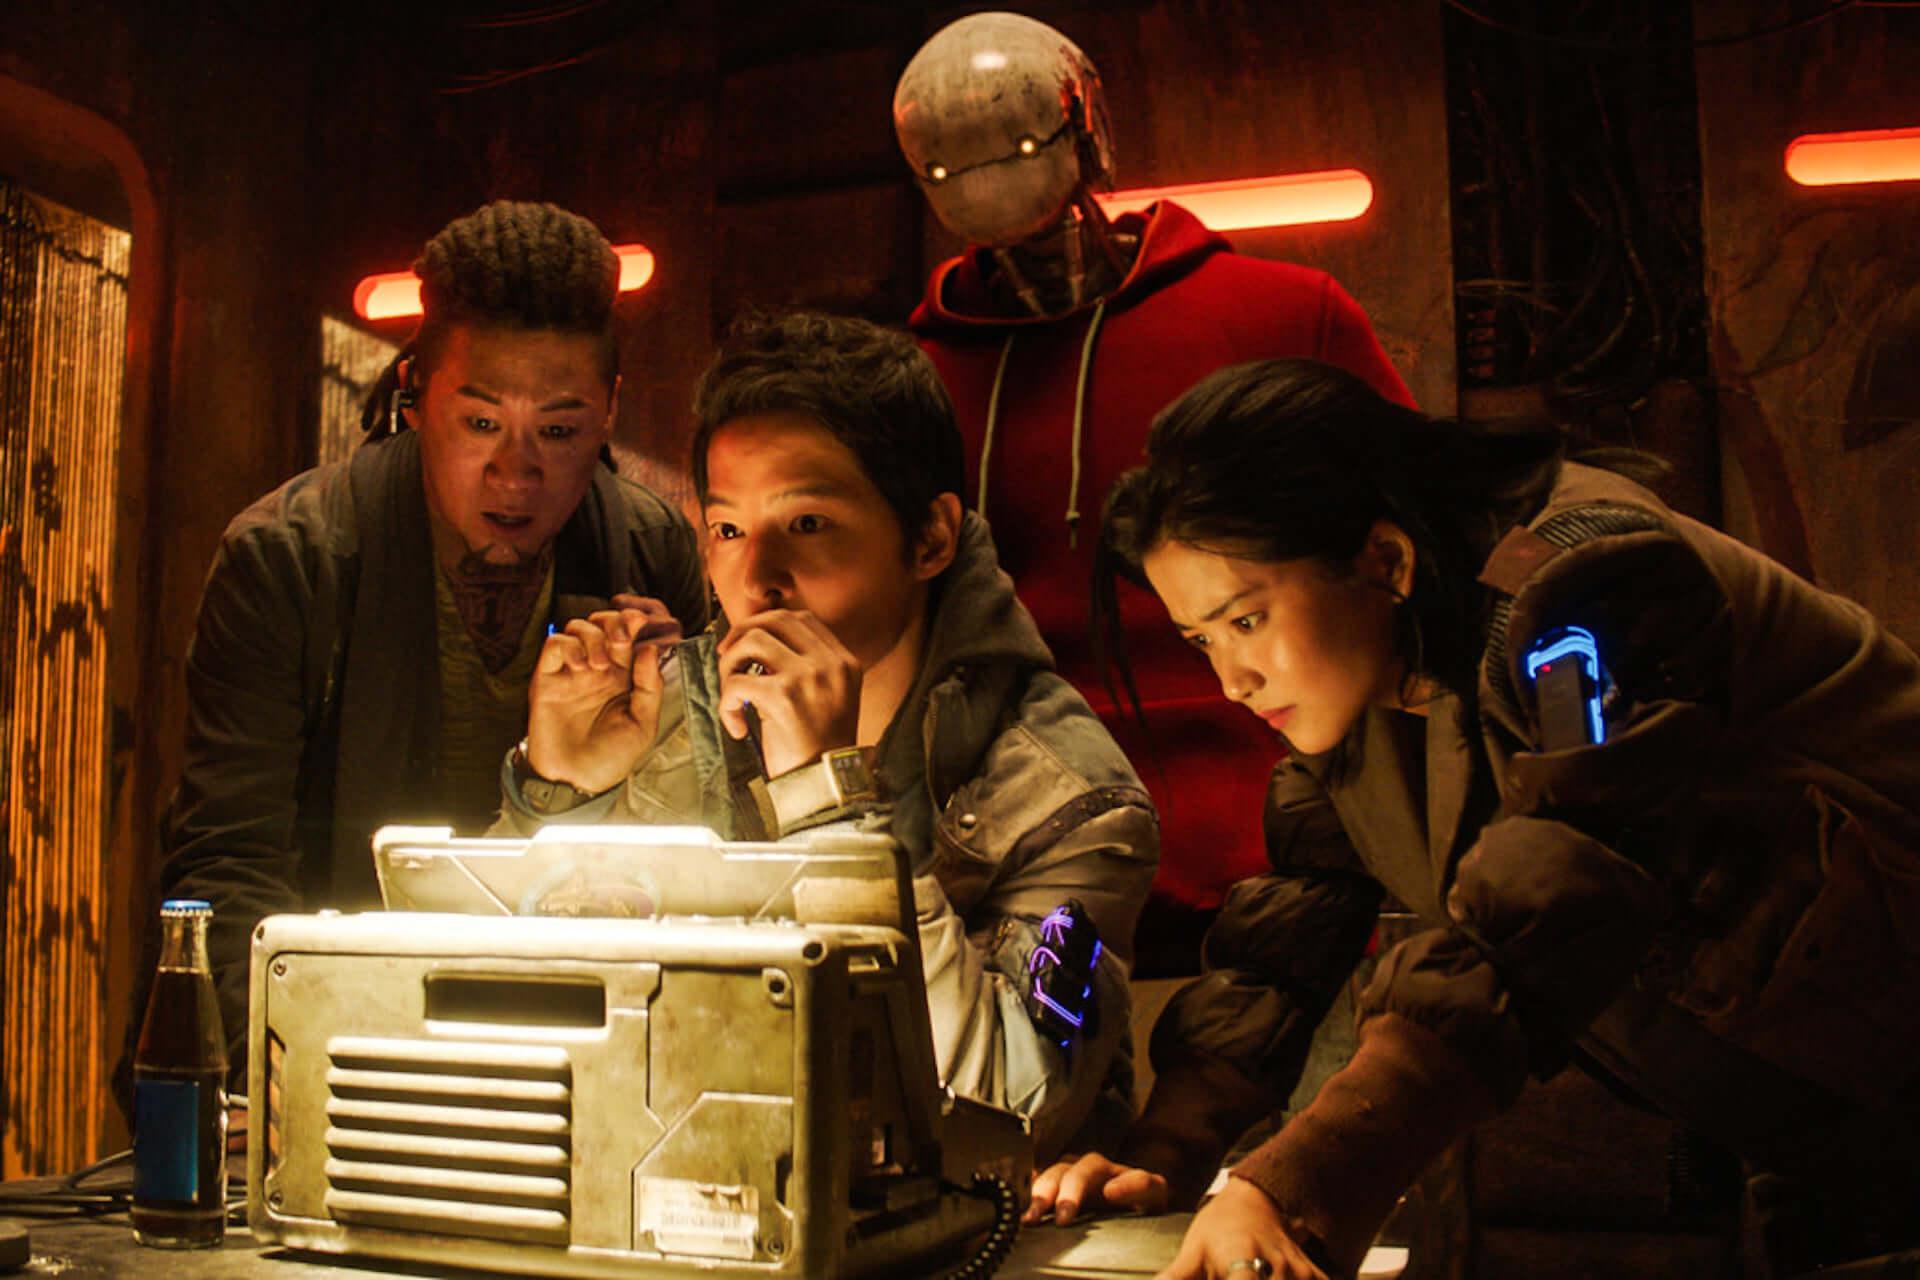 Netflixに山田孝之主演作『ステップ』やトム・ハンクス主演『この茫漠たる荒野で』など続々登場!川井憲次が音楽を担当した映画『陰陽師: とこしえの夢』も film210122_netflix_2-1920x1280